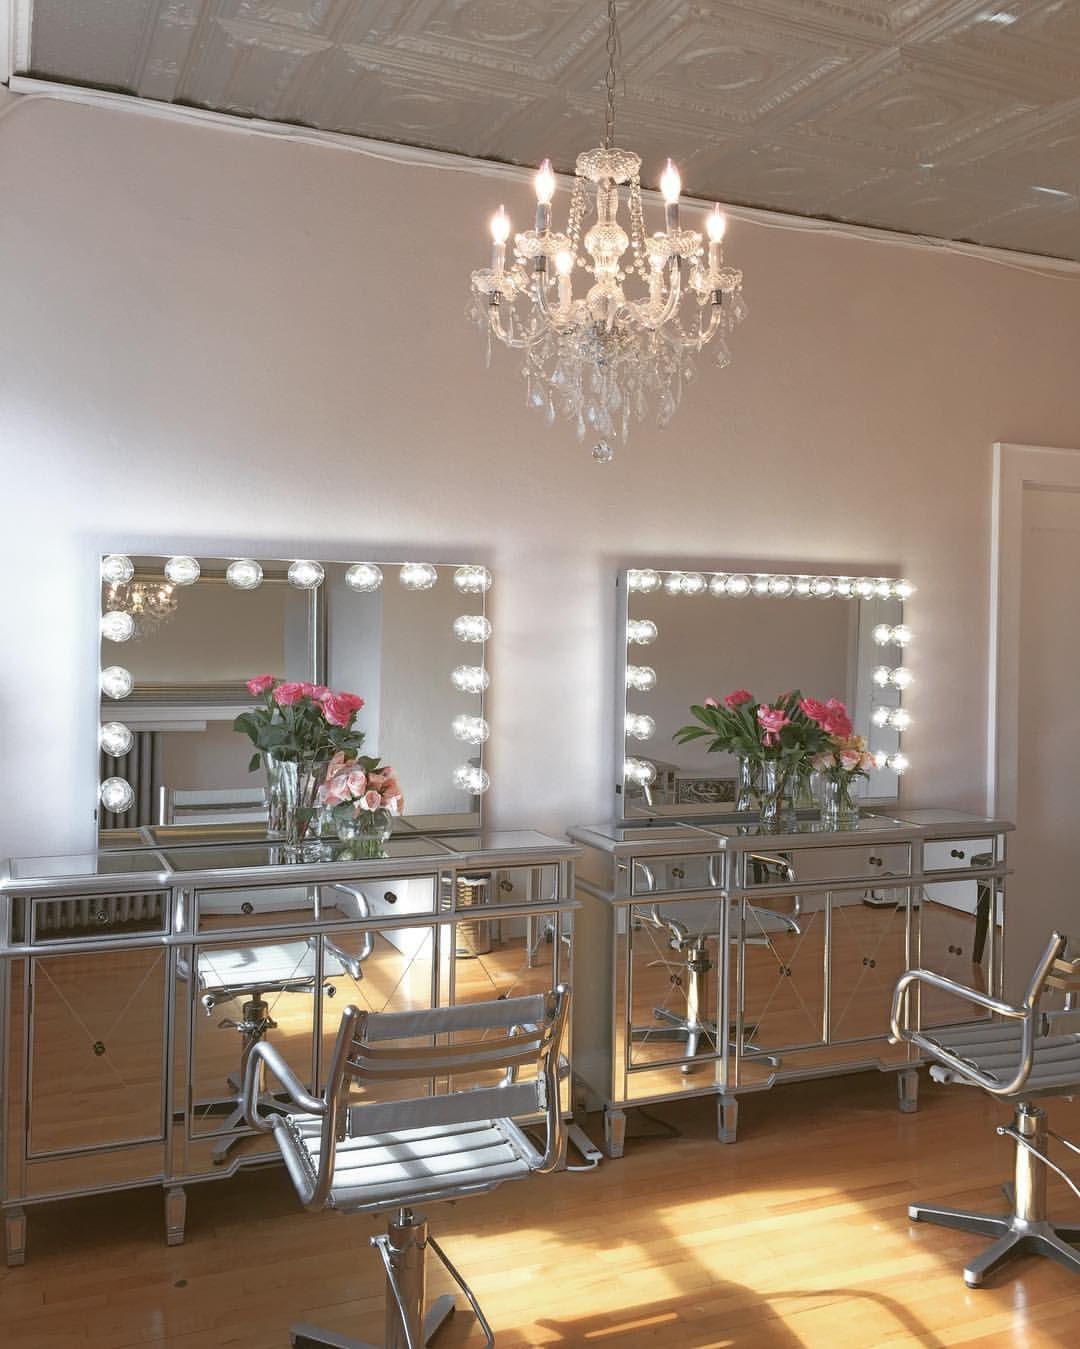 The House of Makeup Studio Makeup studio decor, Makeup